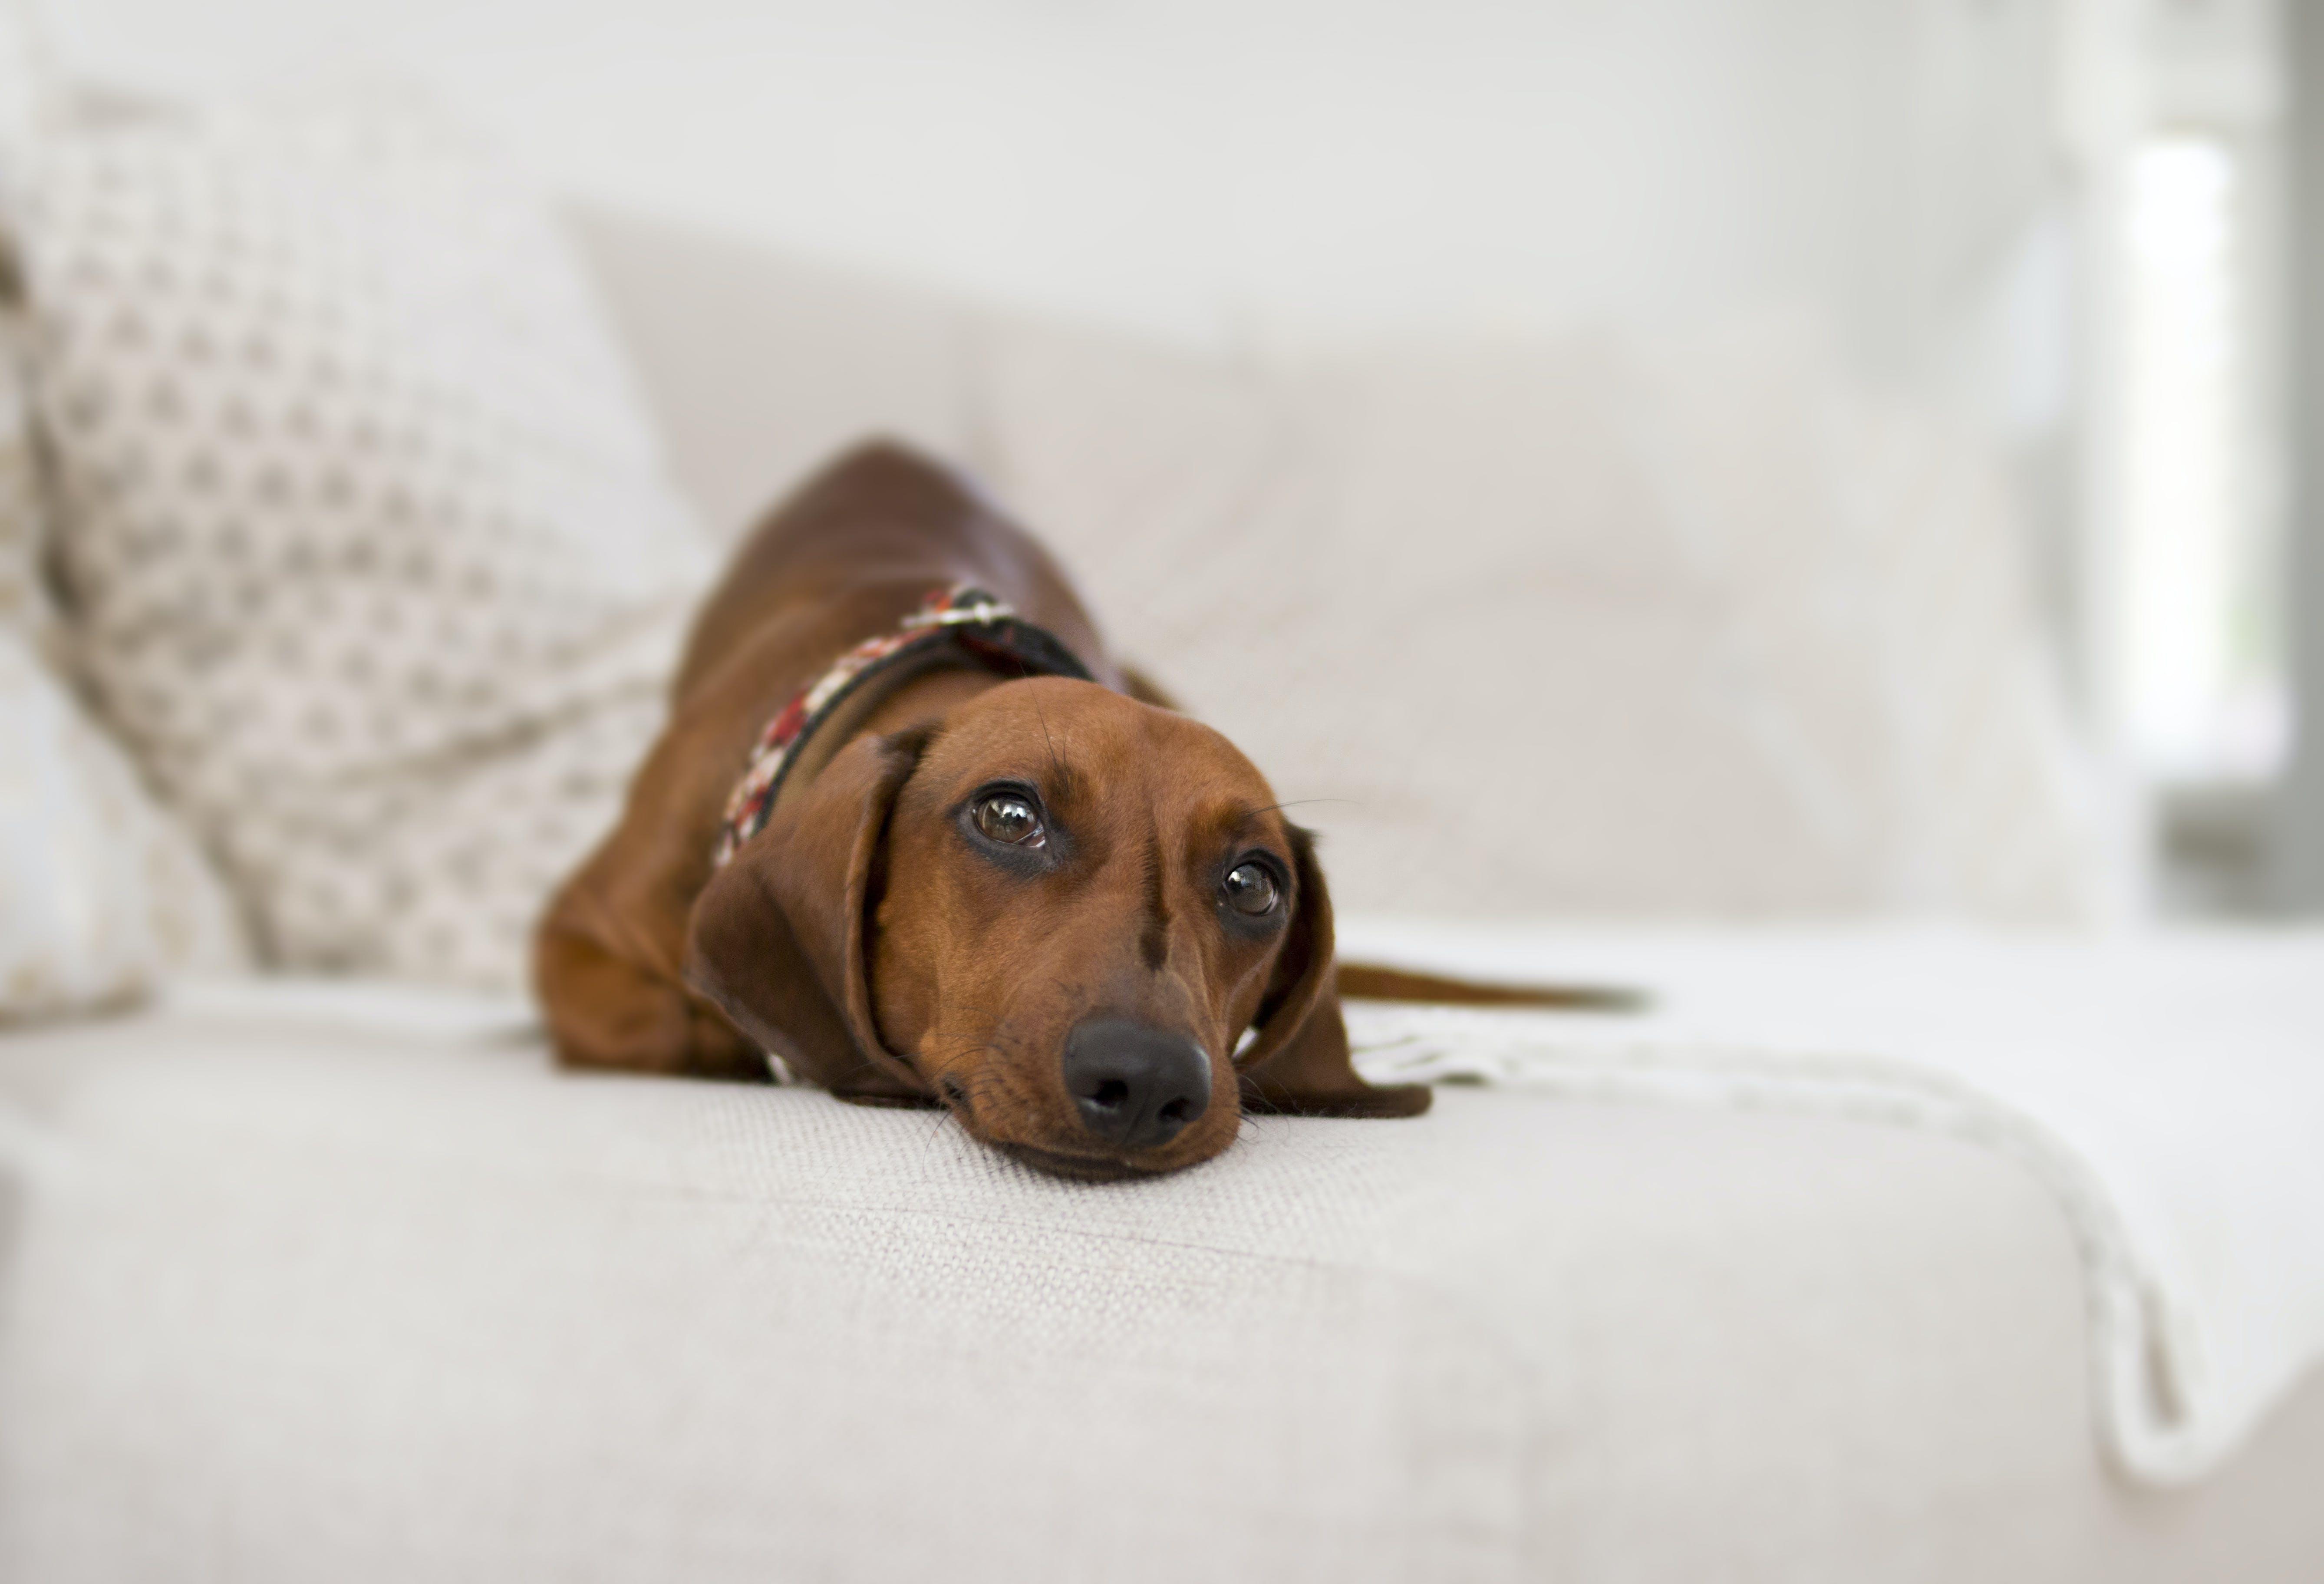 Gratis arkivbilde med brun, dachshund, dyr, hund